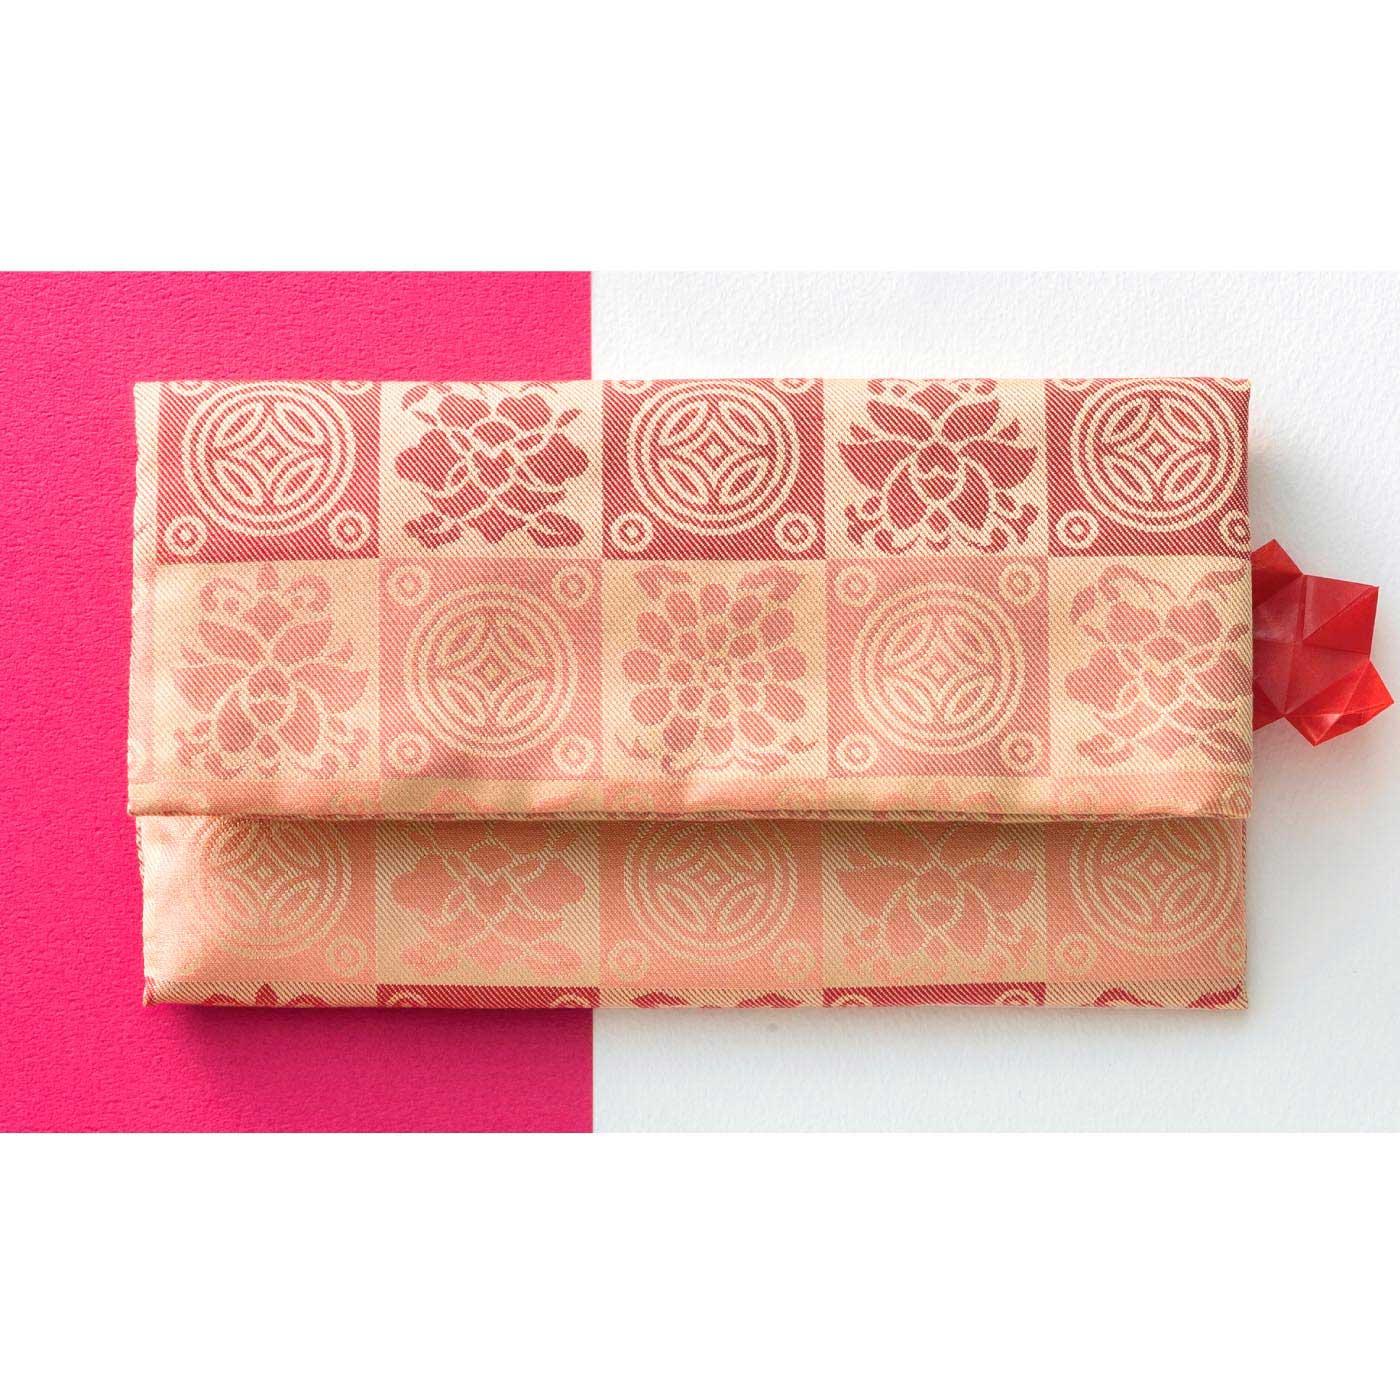 広げると、伝統的な正方形に。念珠もすっぽり入ります。 京都西陣で織り上げた絹100%。古来、風流茶人に愛された遠州緞子柄を用いました。